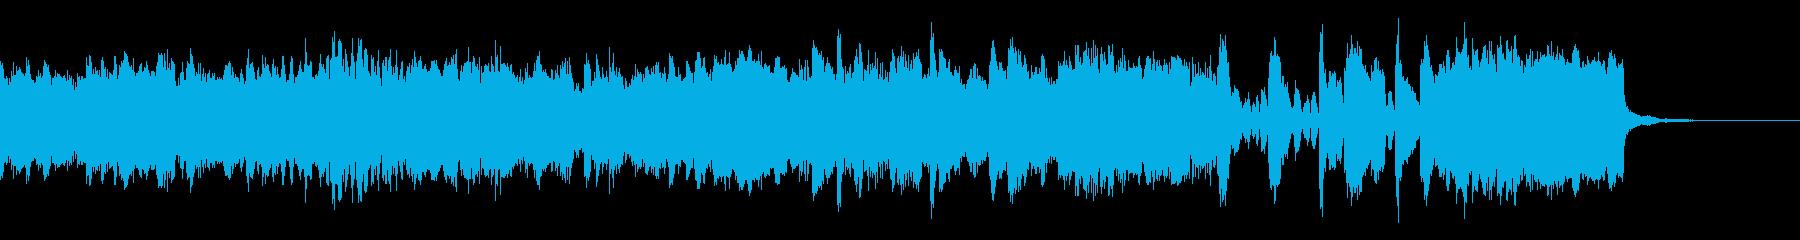 物語の始まりを告げるBGM・オーケストラの再生済みの波形